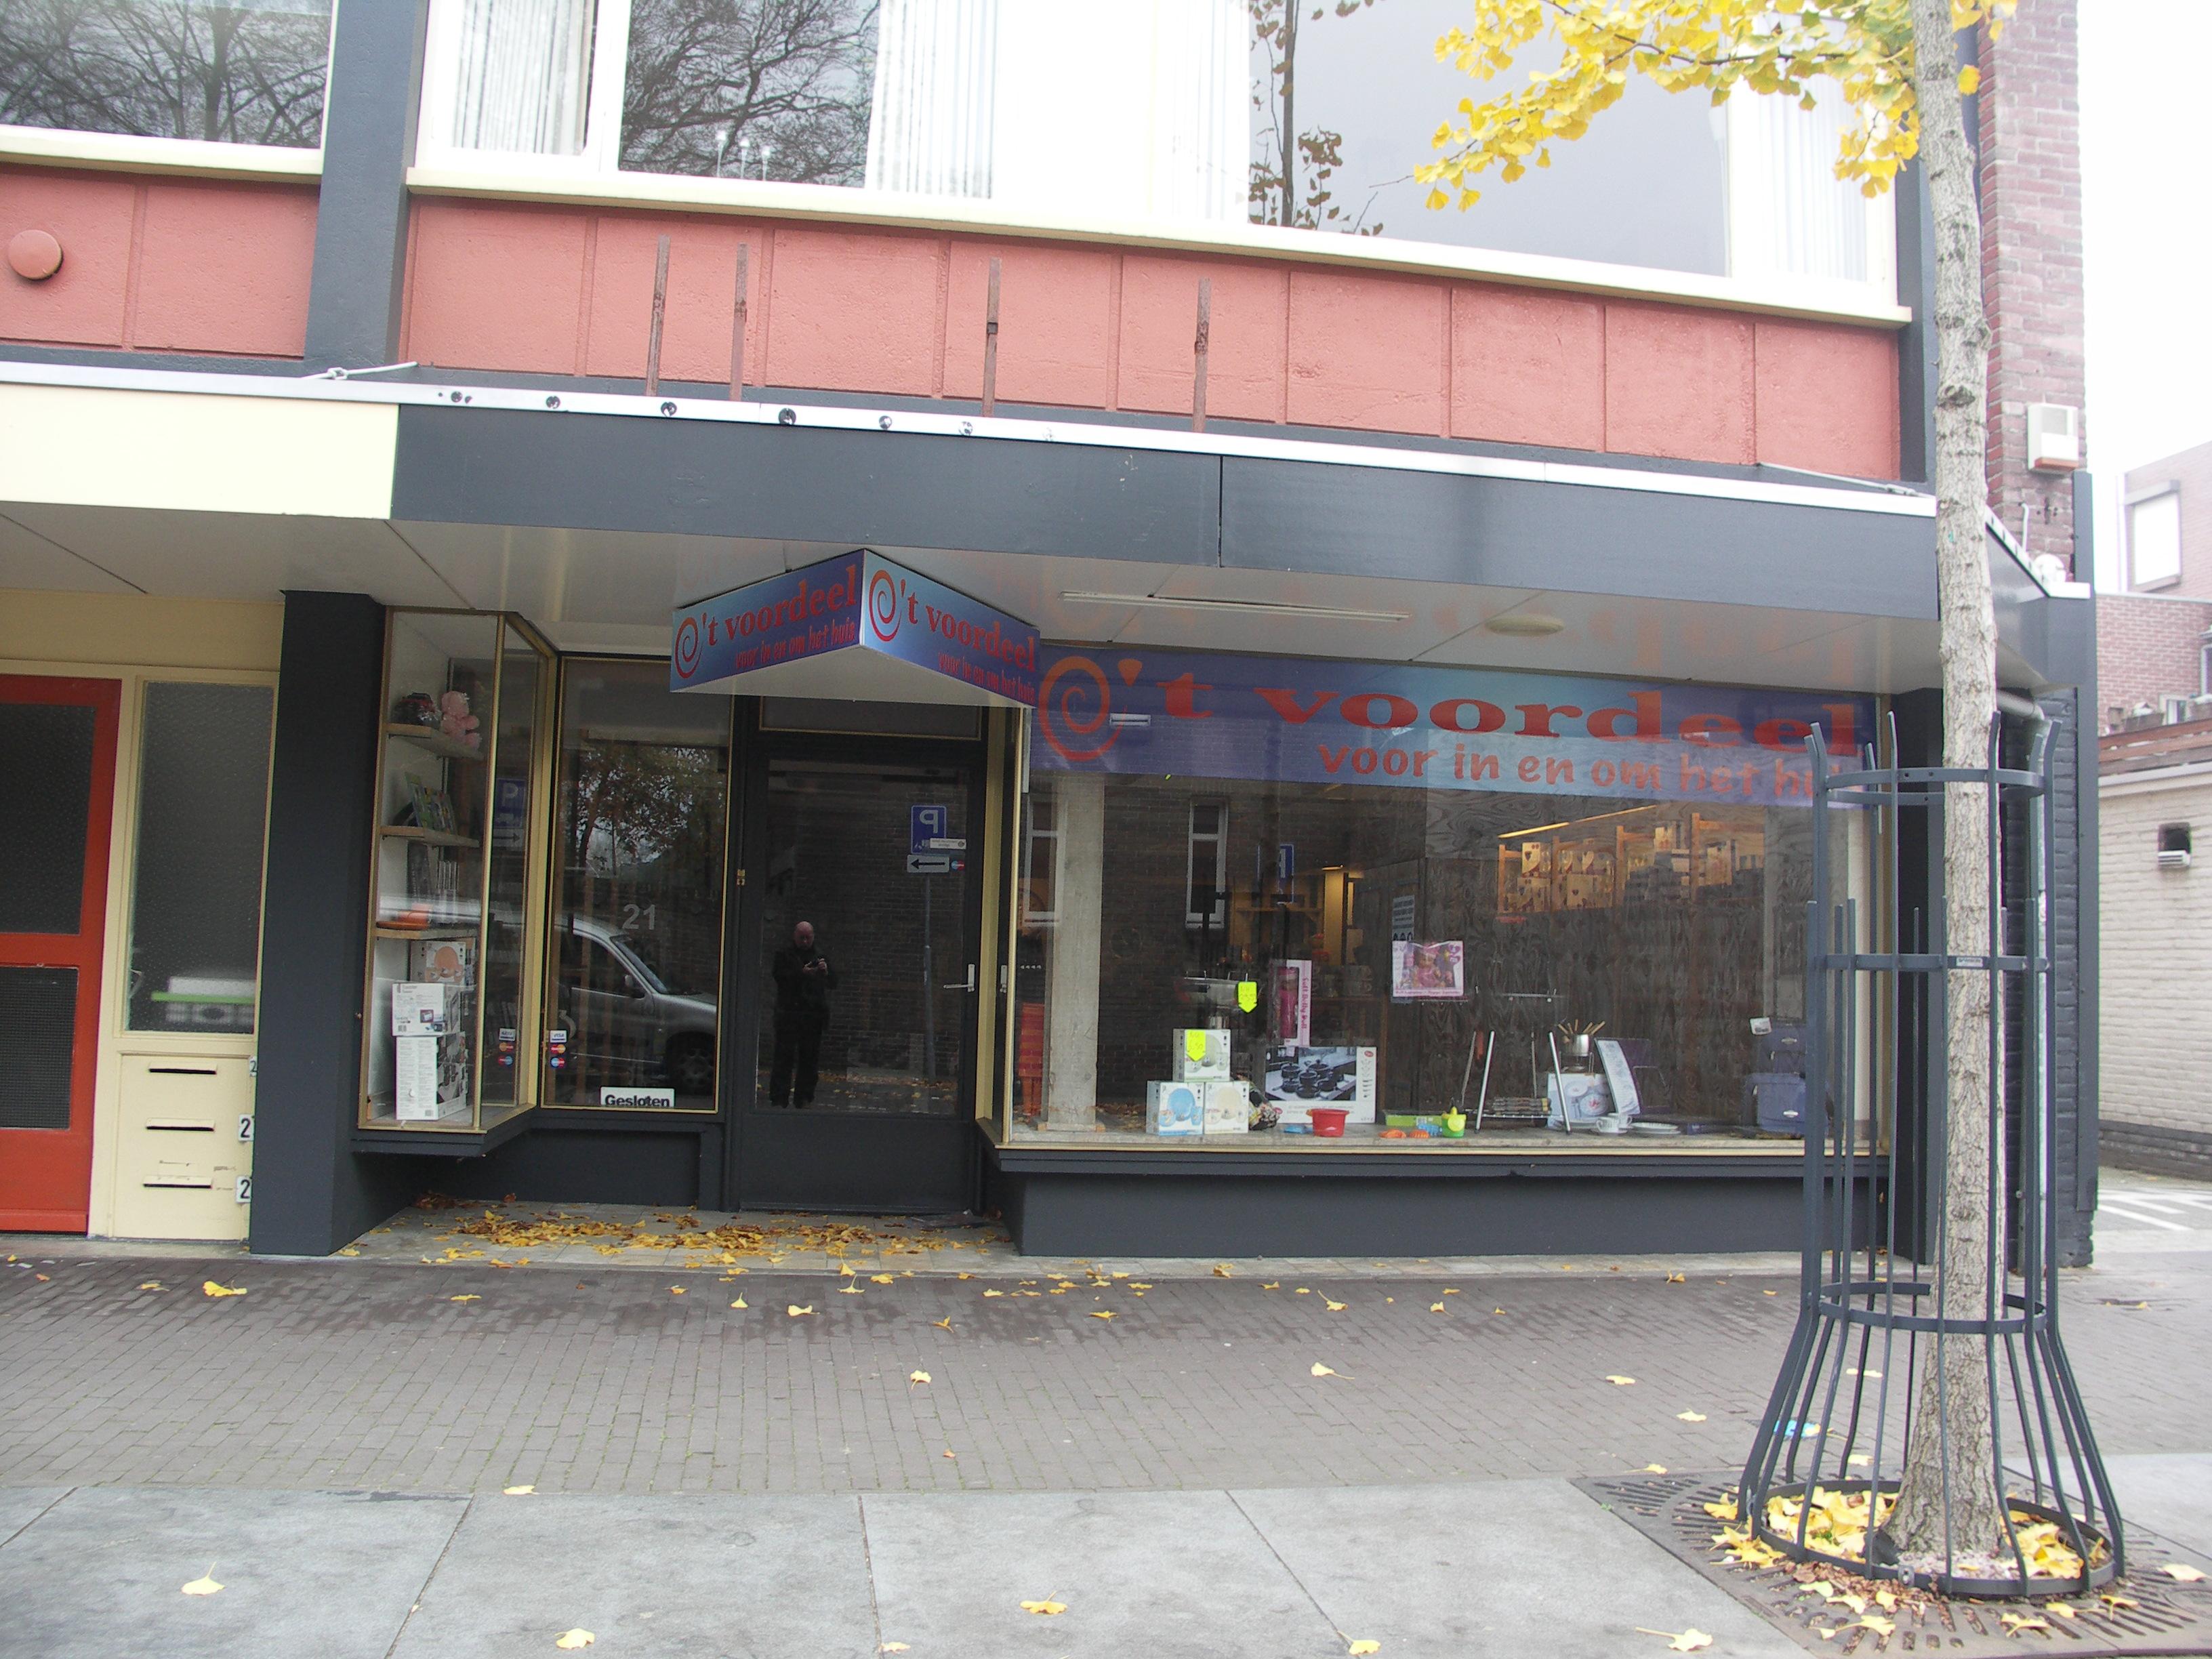 Winkelruimte Valkenswaard Karel Mollenstraat Zuid 19